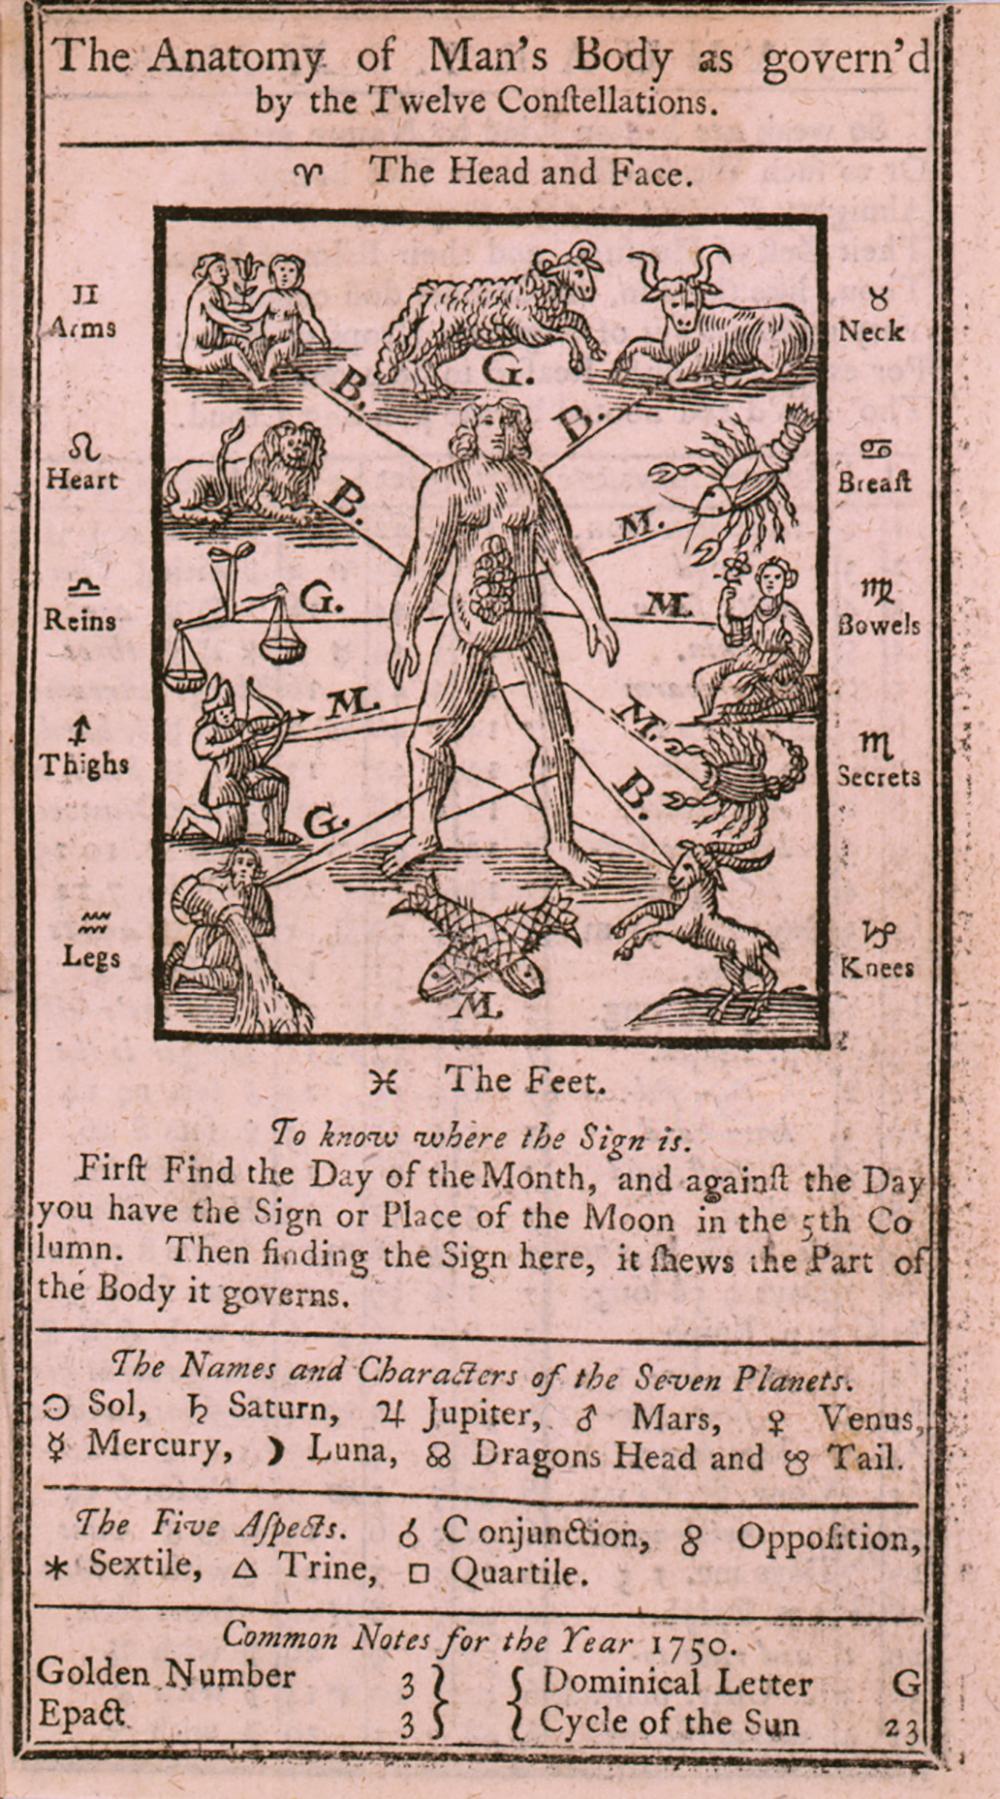 Illustration in Poor Richard's Almanack, c. 1750.